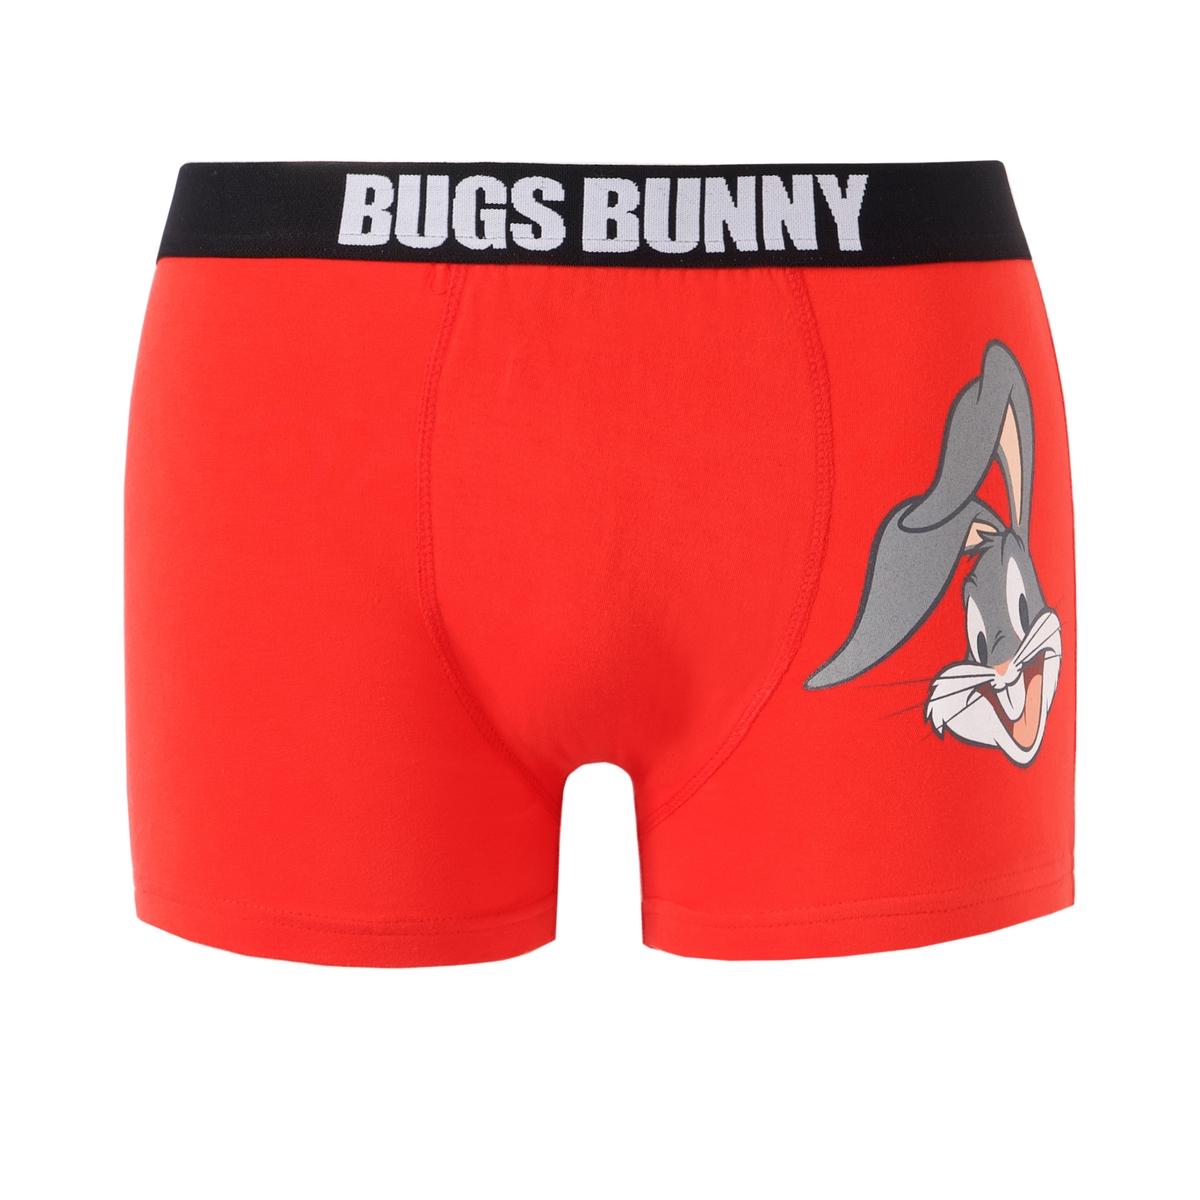 Трусы-боксеры  Bugs BunnyОписание:Трусы-боксеры Bugs Bunny с рисунком в виде знаменитого кролика сбоку и надписью Bugs Bunny на поясе: удобные и комфортные мужские трусы!Состав и описание :Материал : 95% хлопка, 5% эластана. Марка: Bugs BunnyУход :Машинная стирка при 30 °С на деликатном режиме с вещами схожих цветов.Допускается машинная сушка.<br><br>Цвет: красный